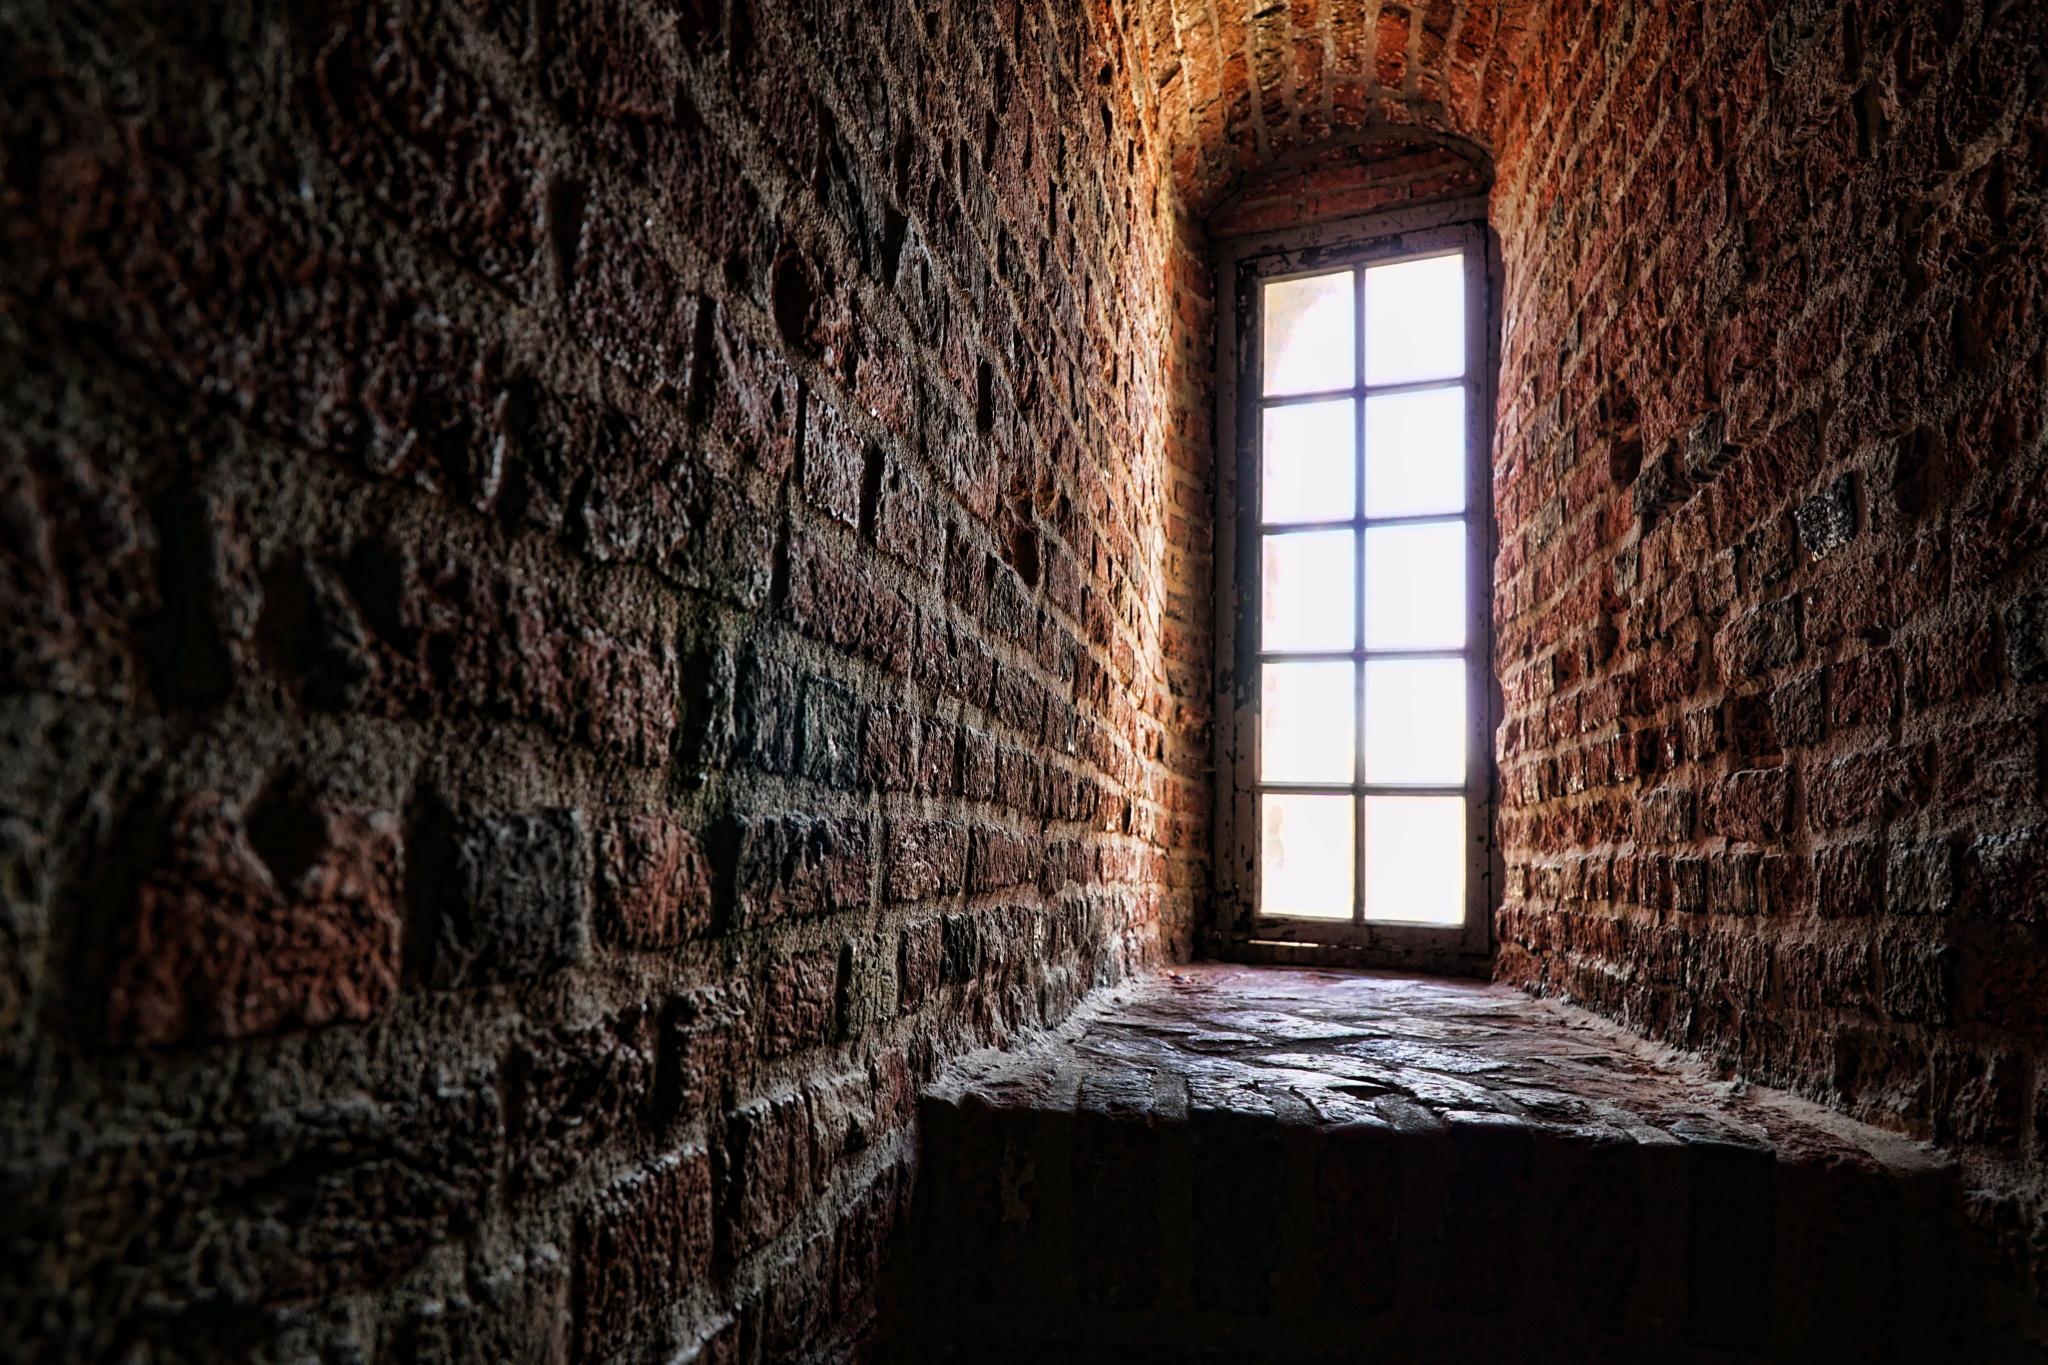 Window by Joop Nijhof